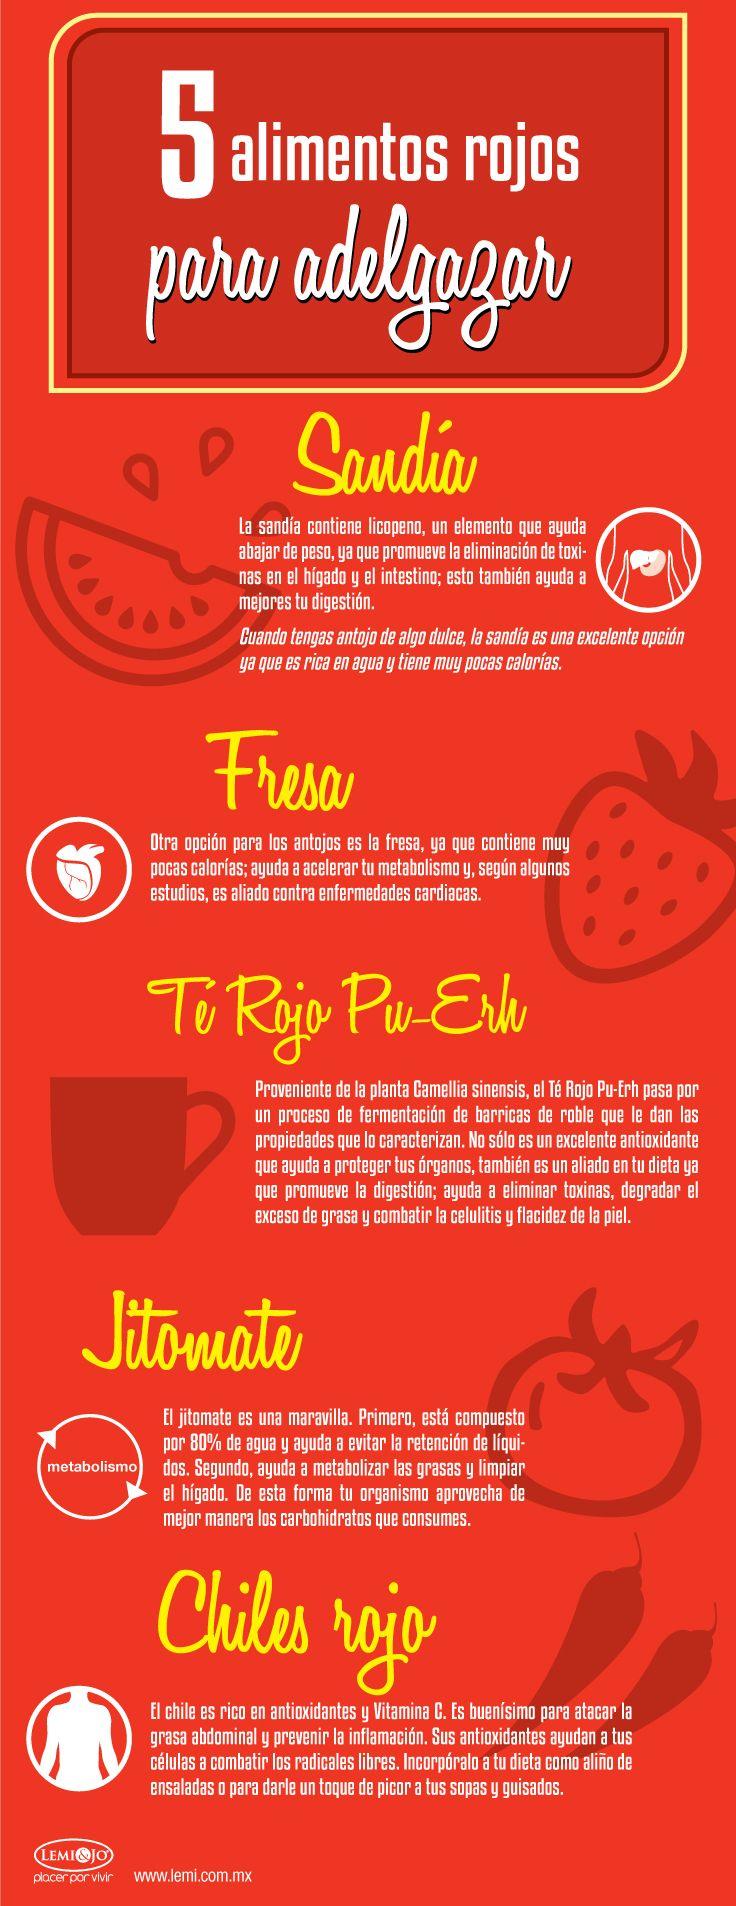 5 alimentos rojos para adelgazar - Alimentos dieteticos para adelgazar ...